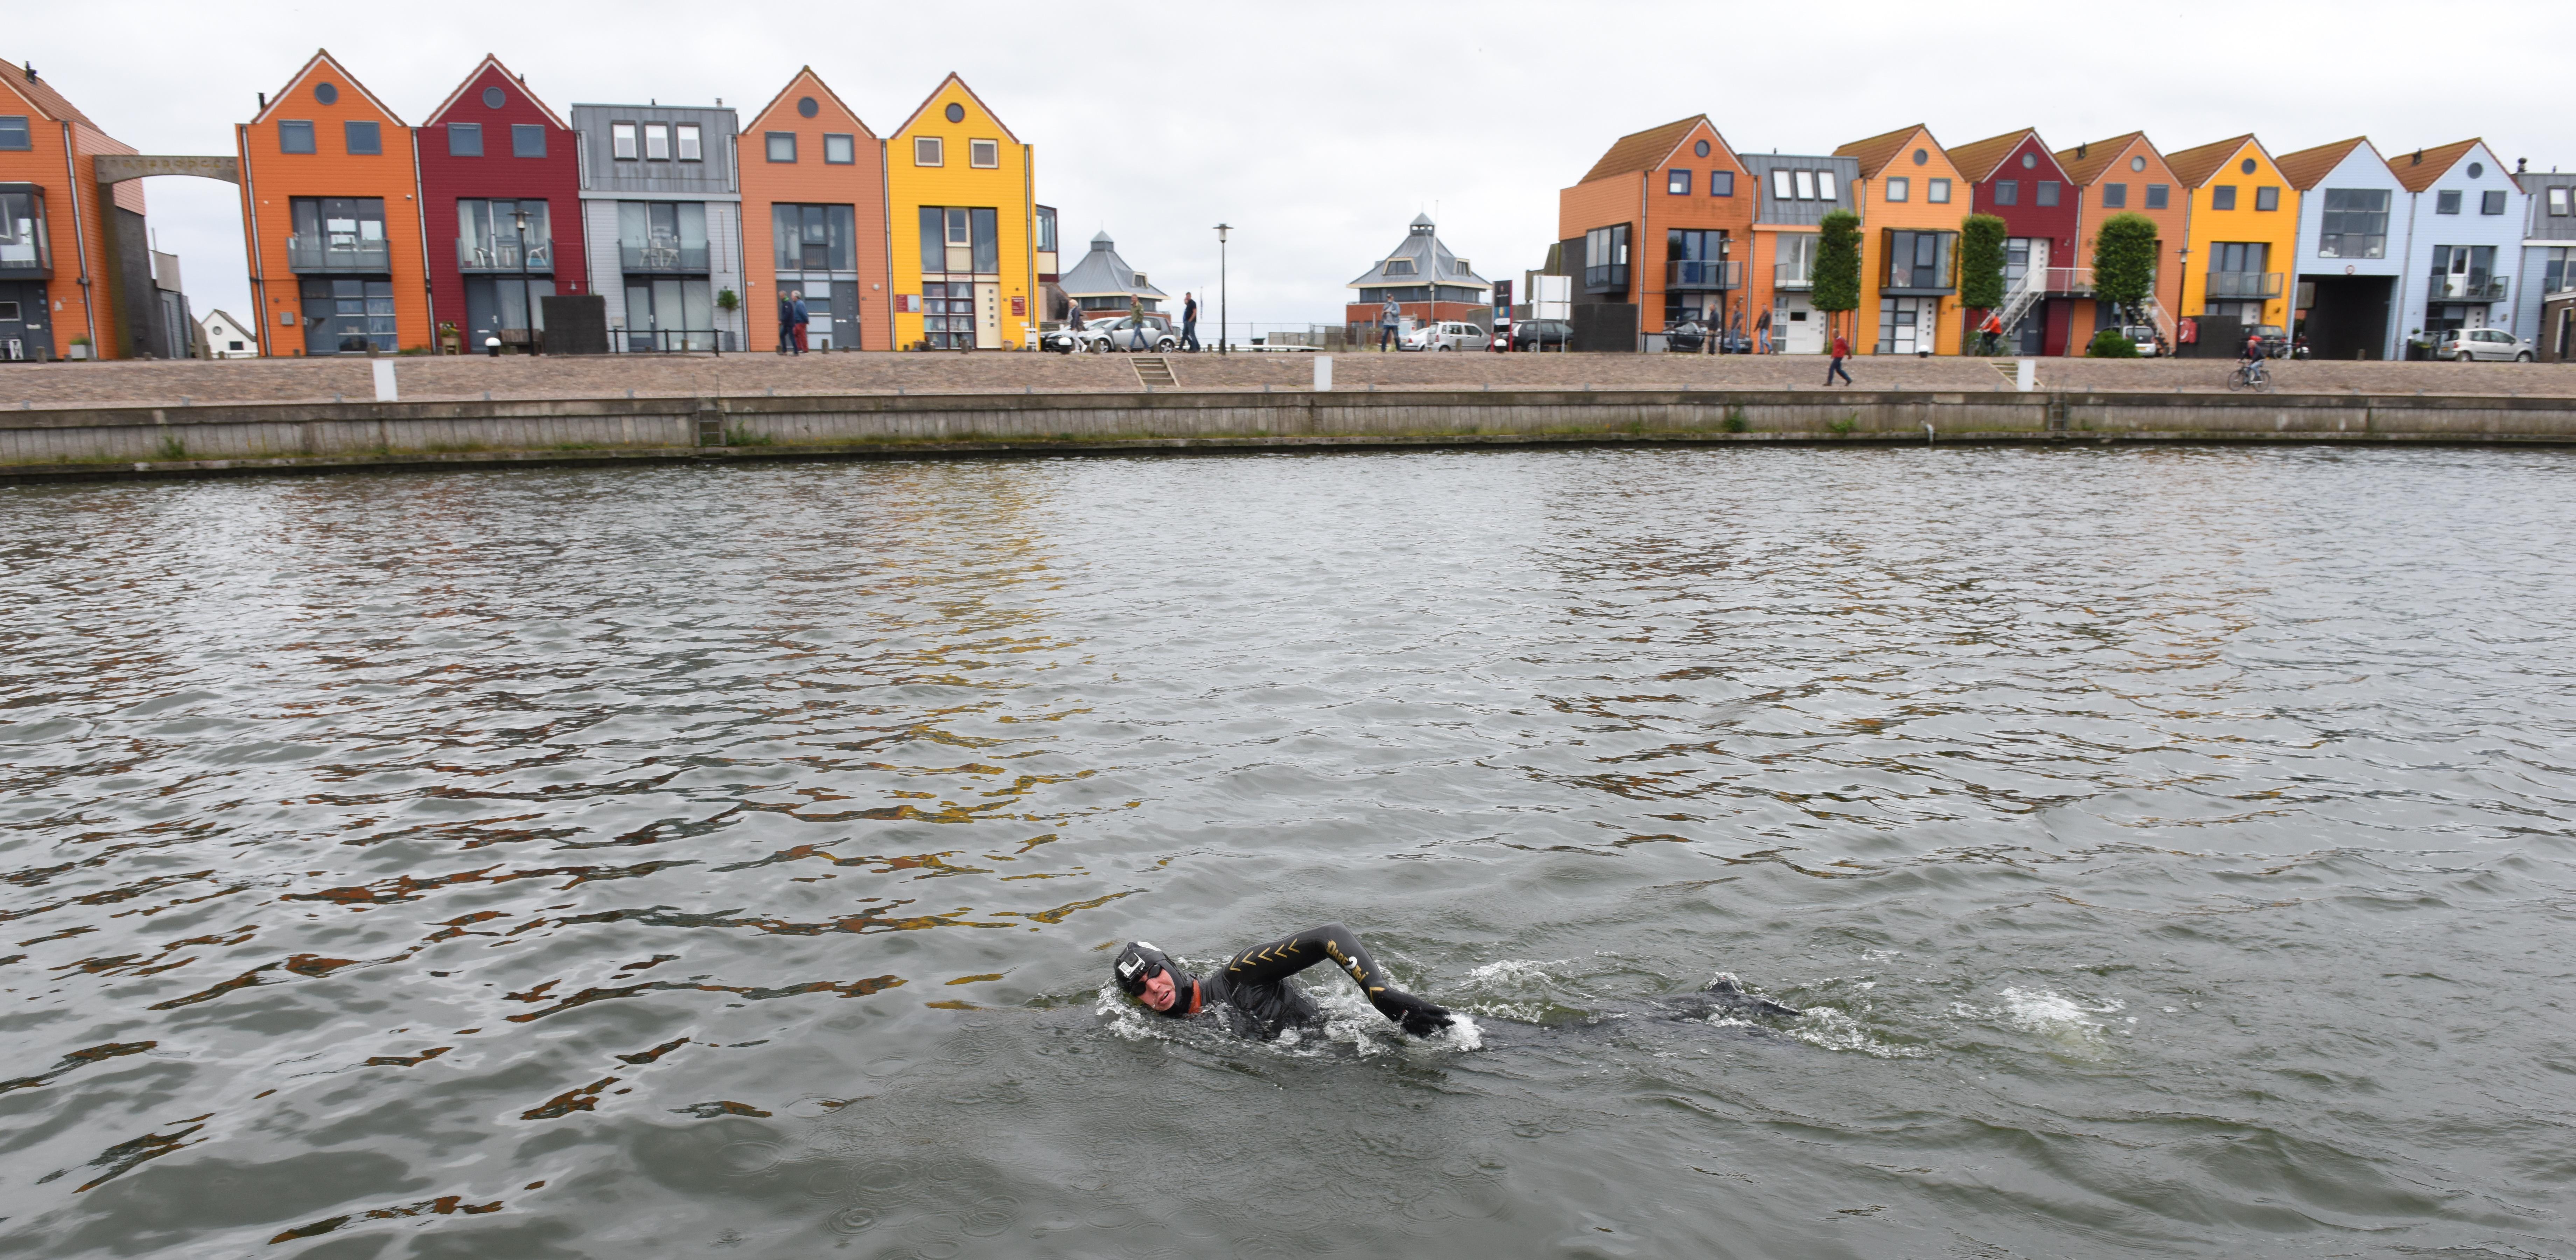 Maarten swimming